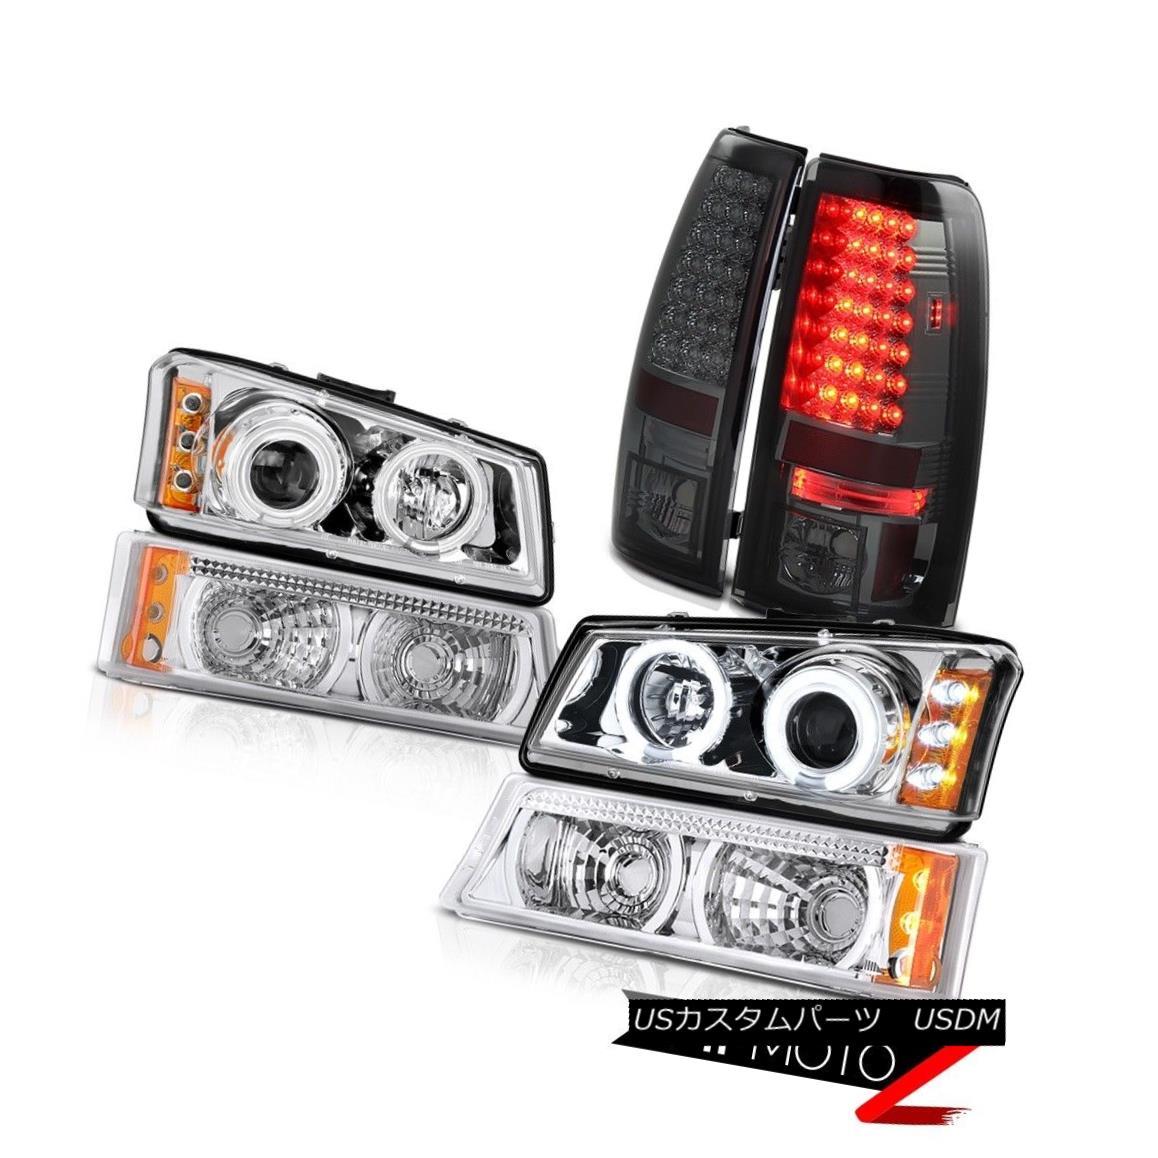 テールライト Brightest CCFL Halo Headlight Signal Brake Tail Light 2003-2006 Silverado 3500HD 最も明るいCCFLハローヘッドライト信号ブレーキテールライト2003-2006シルバラード3500HD